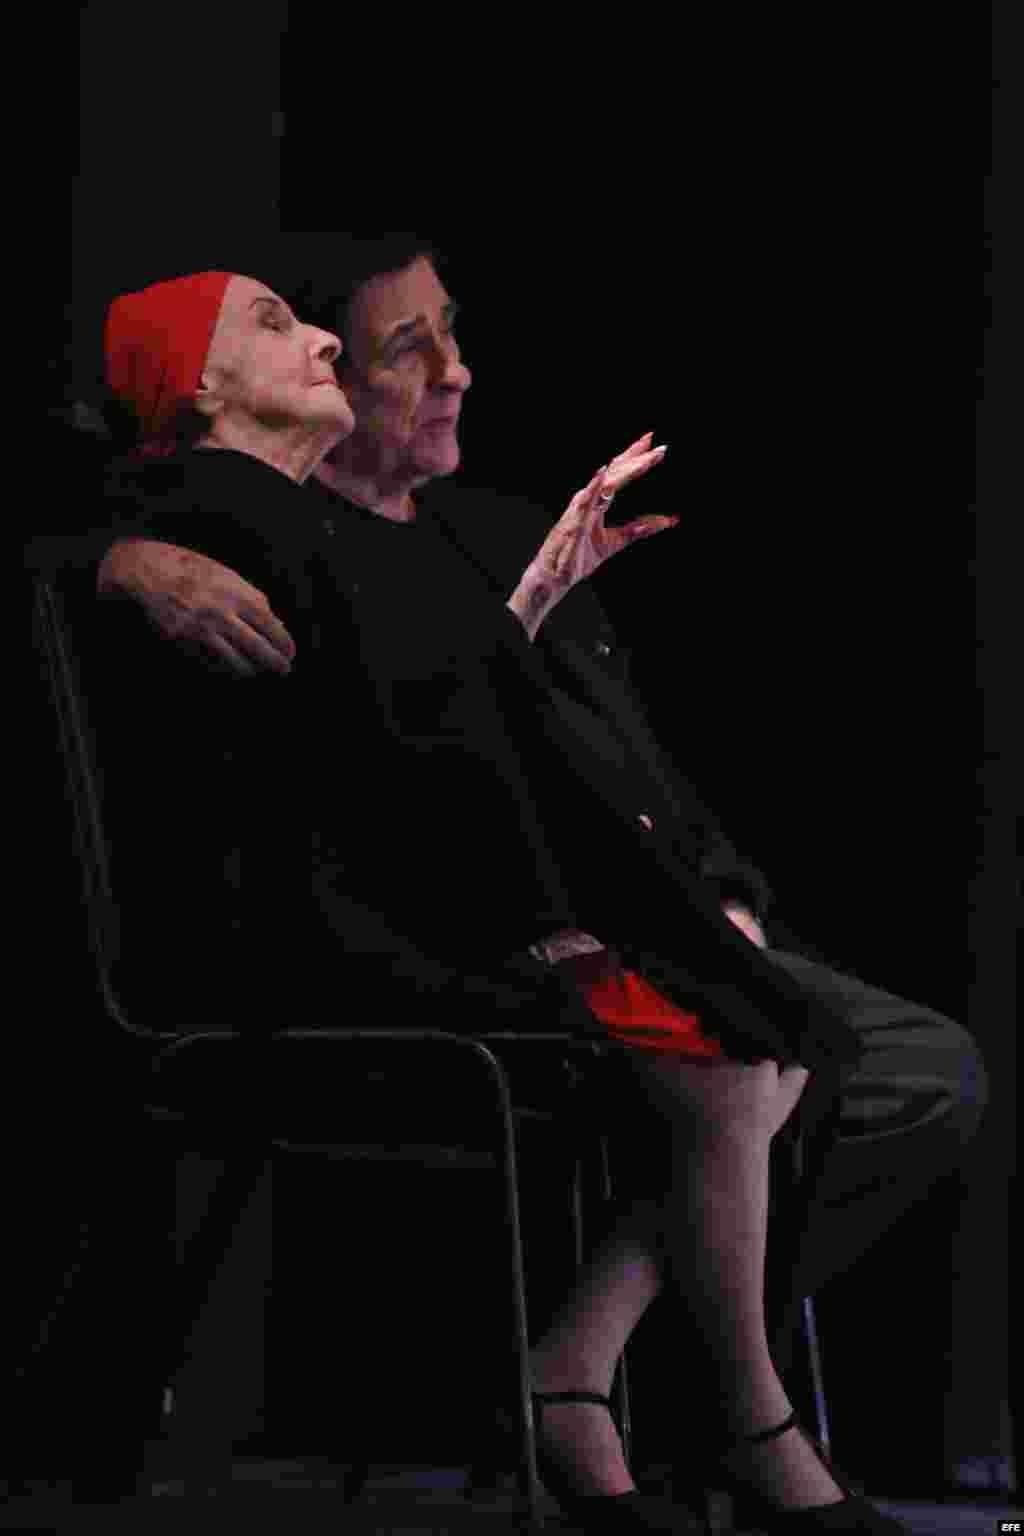 La bailarina Alicia Alonso, y su esposo y director del Museo del Ballet de Cuba, Pedro Simón Martínez, observan el ensayo en el Centro de Bellas Artes de San Juan. La Compañía llega a Puerto Rico.